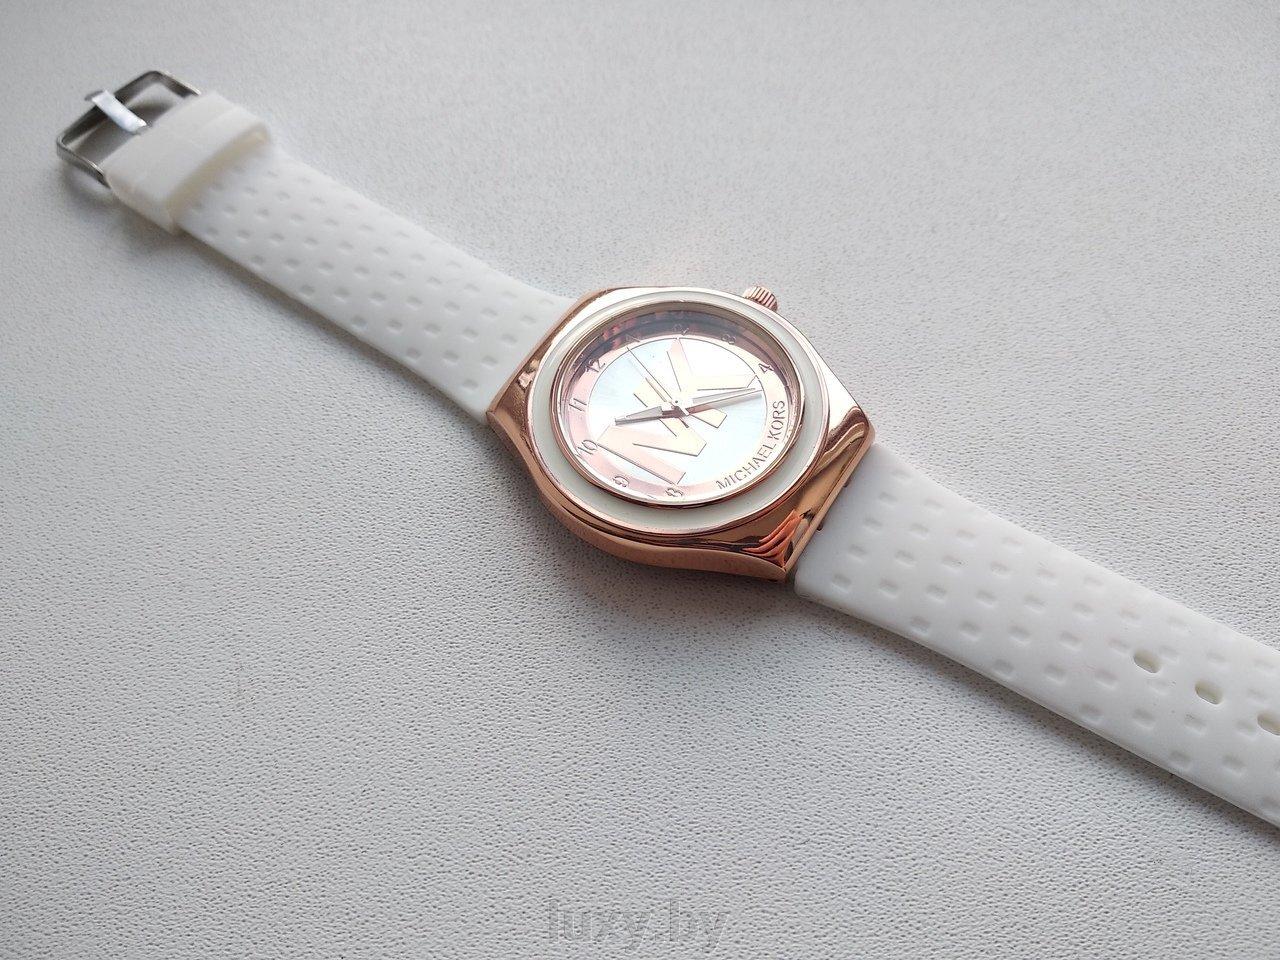 Часы наручные женские МK с белым ремешком Н-37 - фото pic_0417444b62c0128_1920x9000_1.jpg